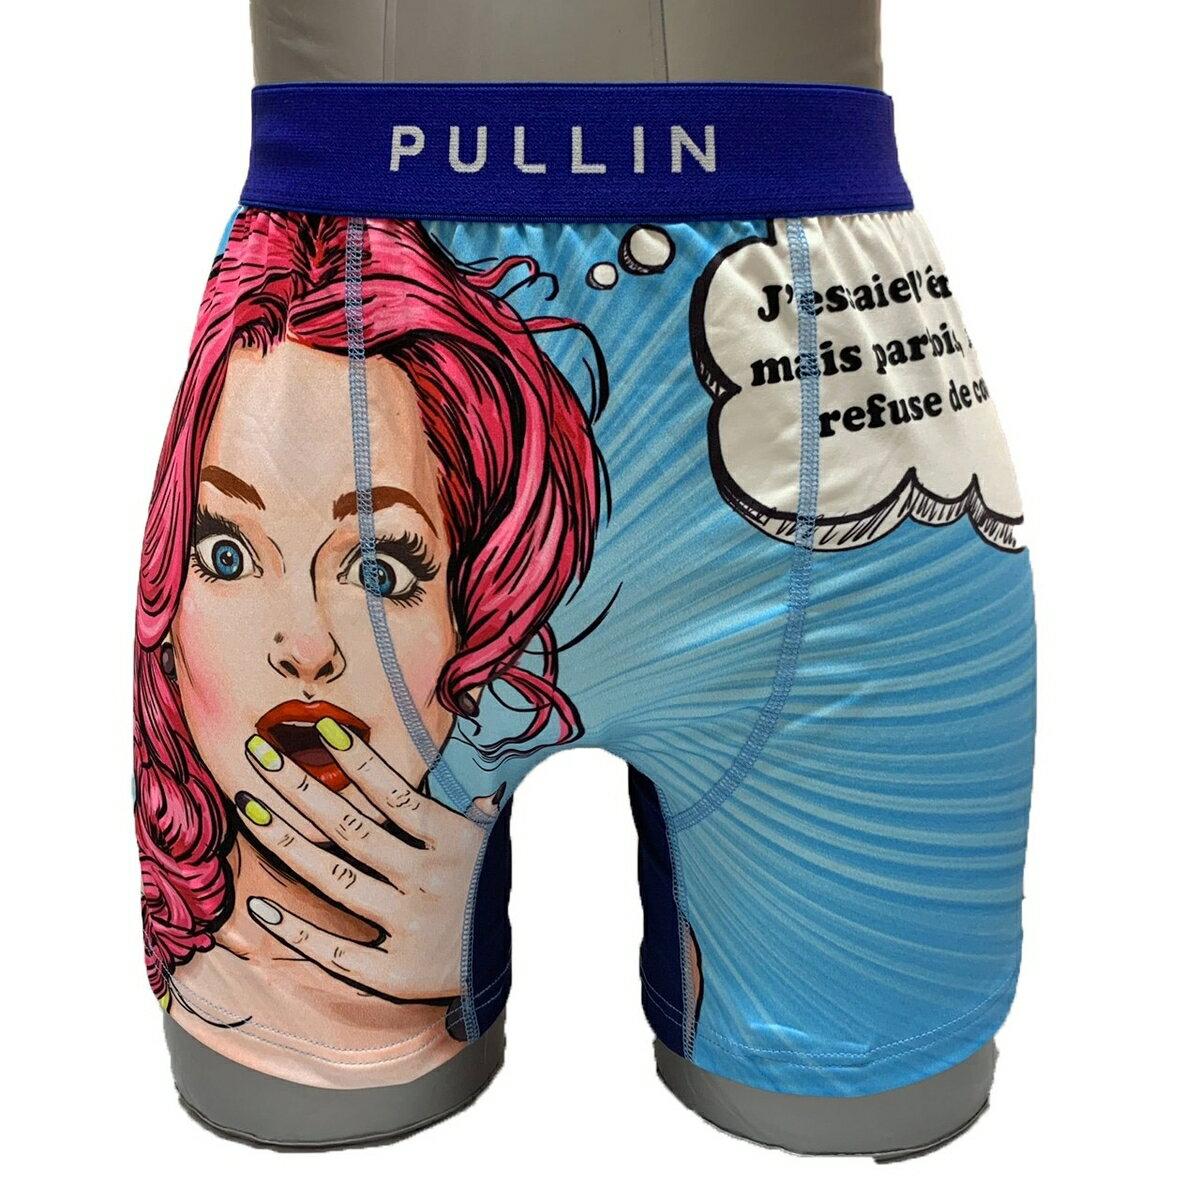 PULLIN プルイン メンズアンダーウェア ボクサーパンツ レディース メンズ ギフト 大きいサイズ pullin パンツバレンタイン ボクサーパンツ メンズ セット 締め付け ない 下着 メンズメンズ 下着 ボクサー ロングギフト